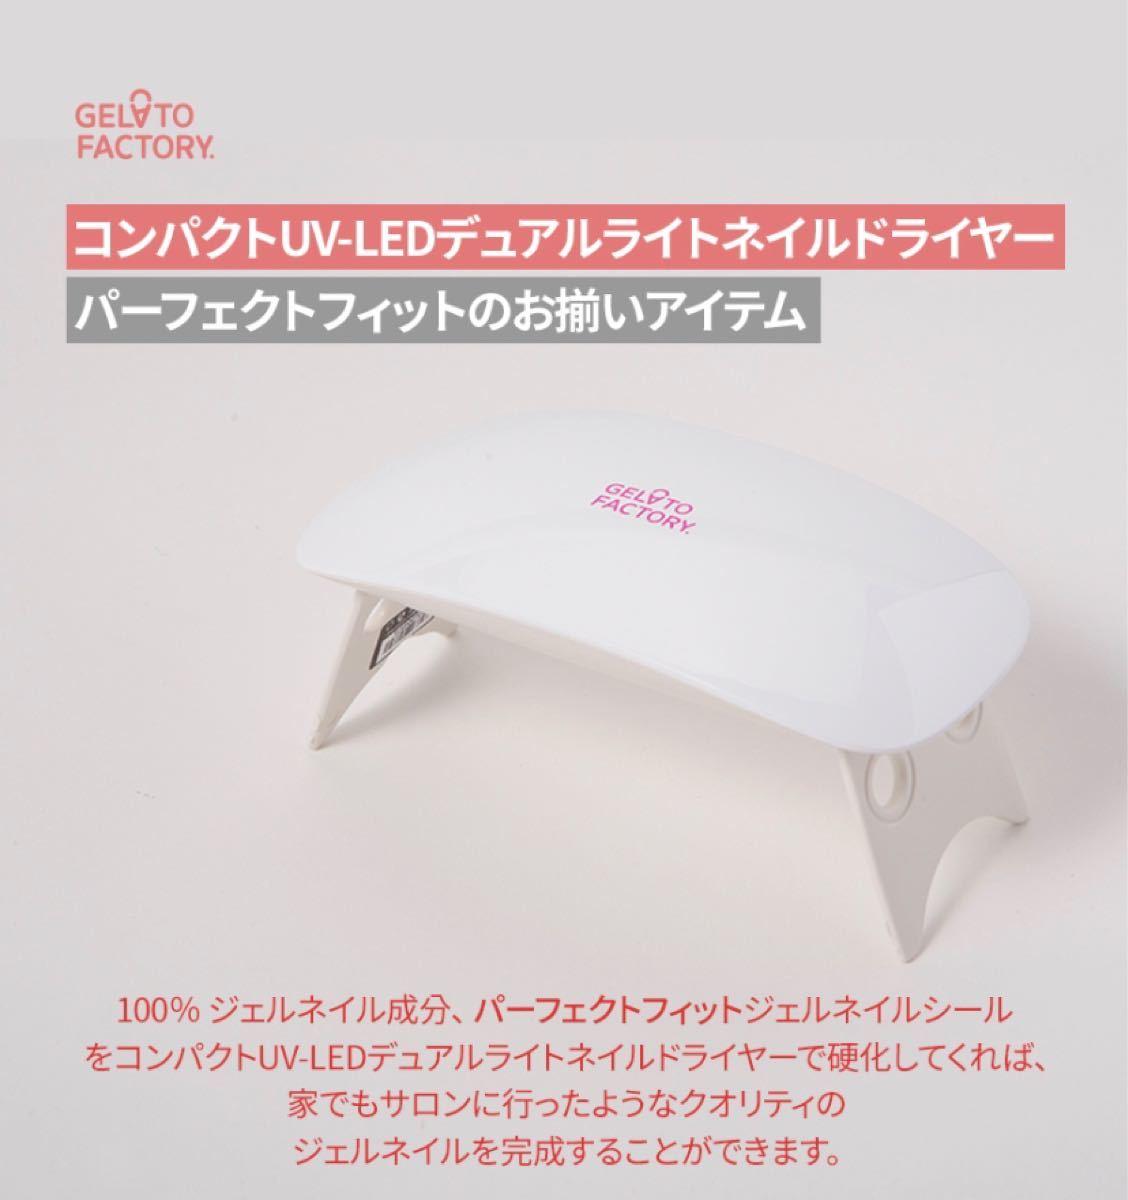 【期間限定*収納ポーチ付き】ジェラートファクトリー UV LED デュアルライト